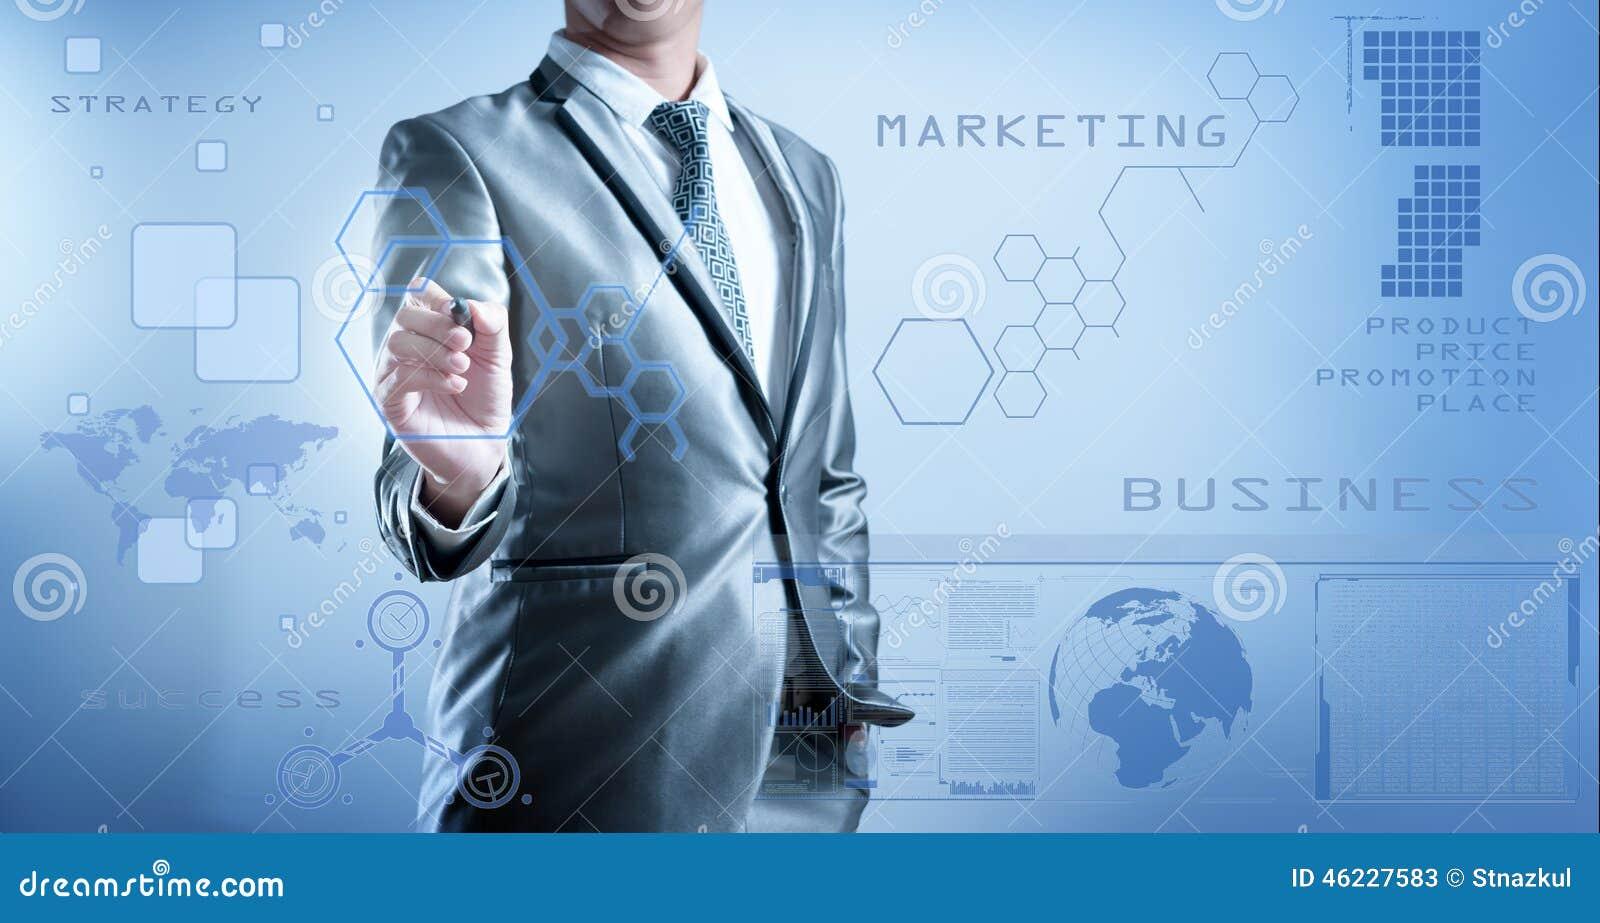 Επιχειρησιακό άτομο στο μπλε γκρίζο κοστούμι που χρησιμοποιεί την ψηφιακή μάνδρα που λειτουργεί με το Di